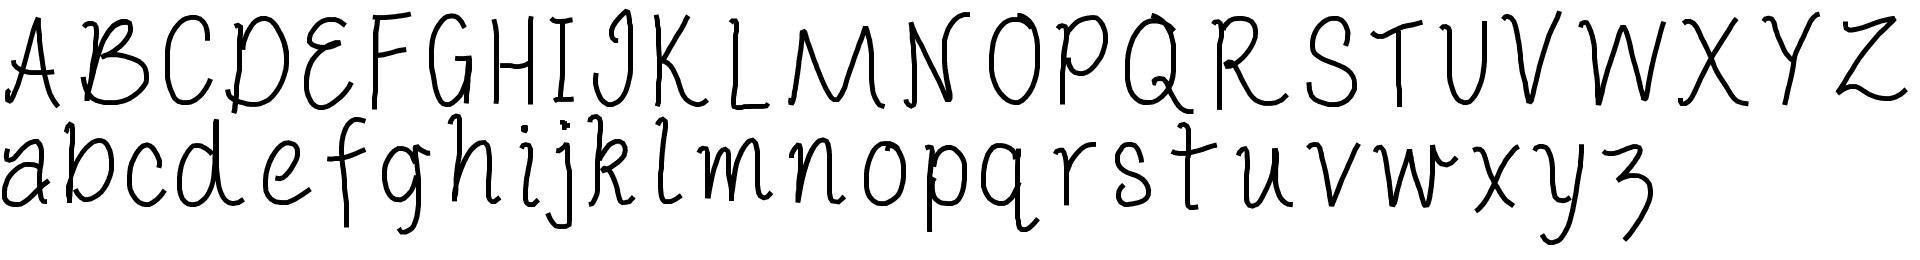 PorcelainPaperPie